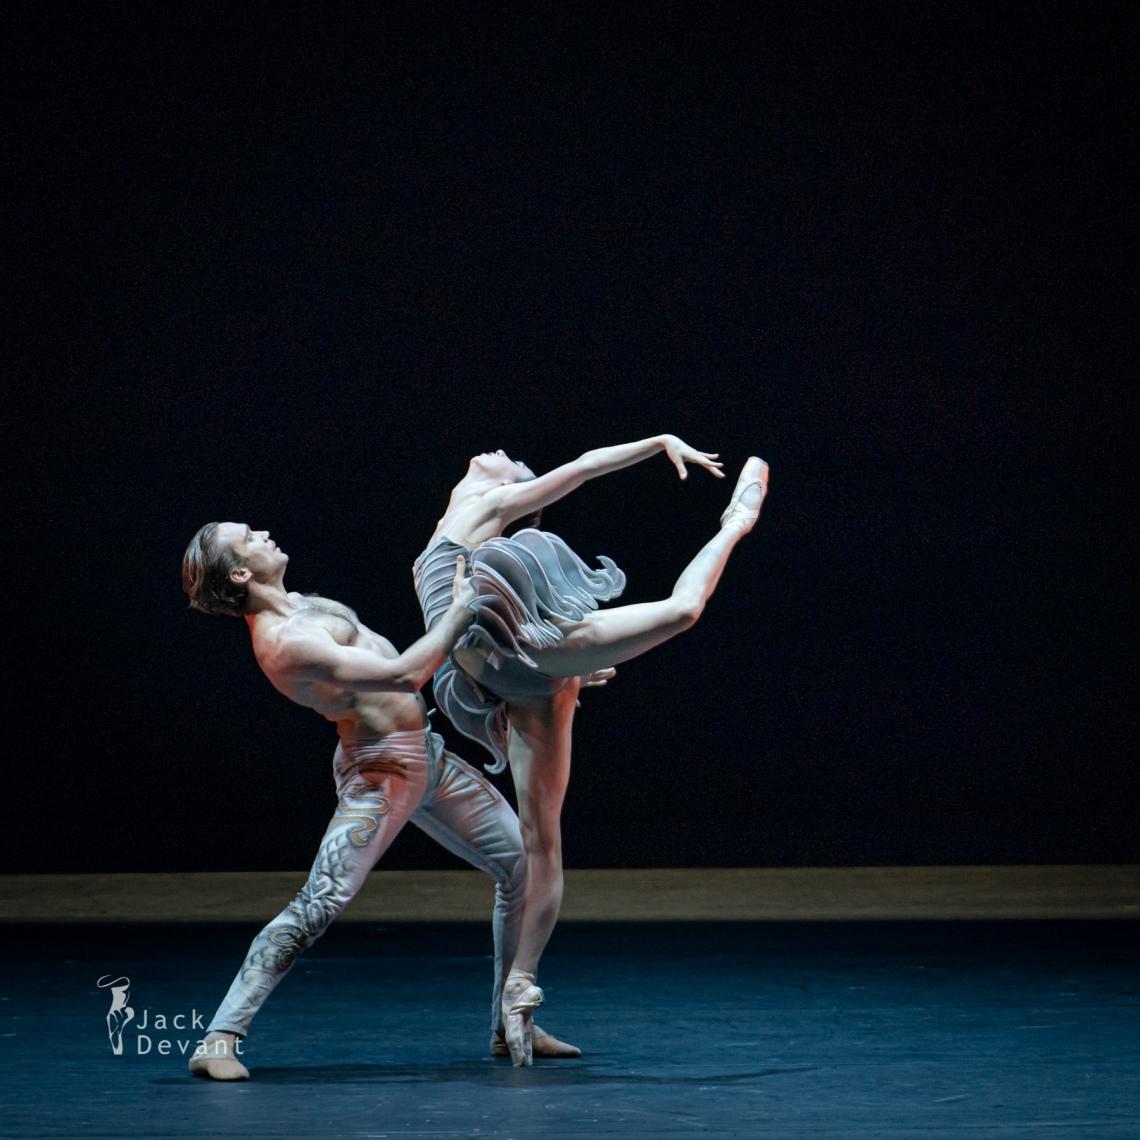 Jack-Devant-Ana-Turazashvili-and-Mikhail-Lobukhin-in-Come-un-Respiro-107